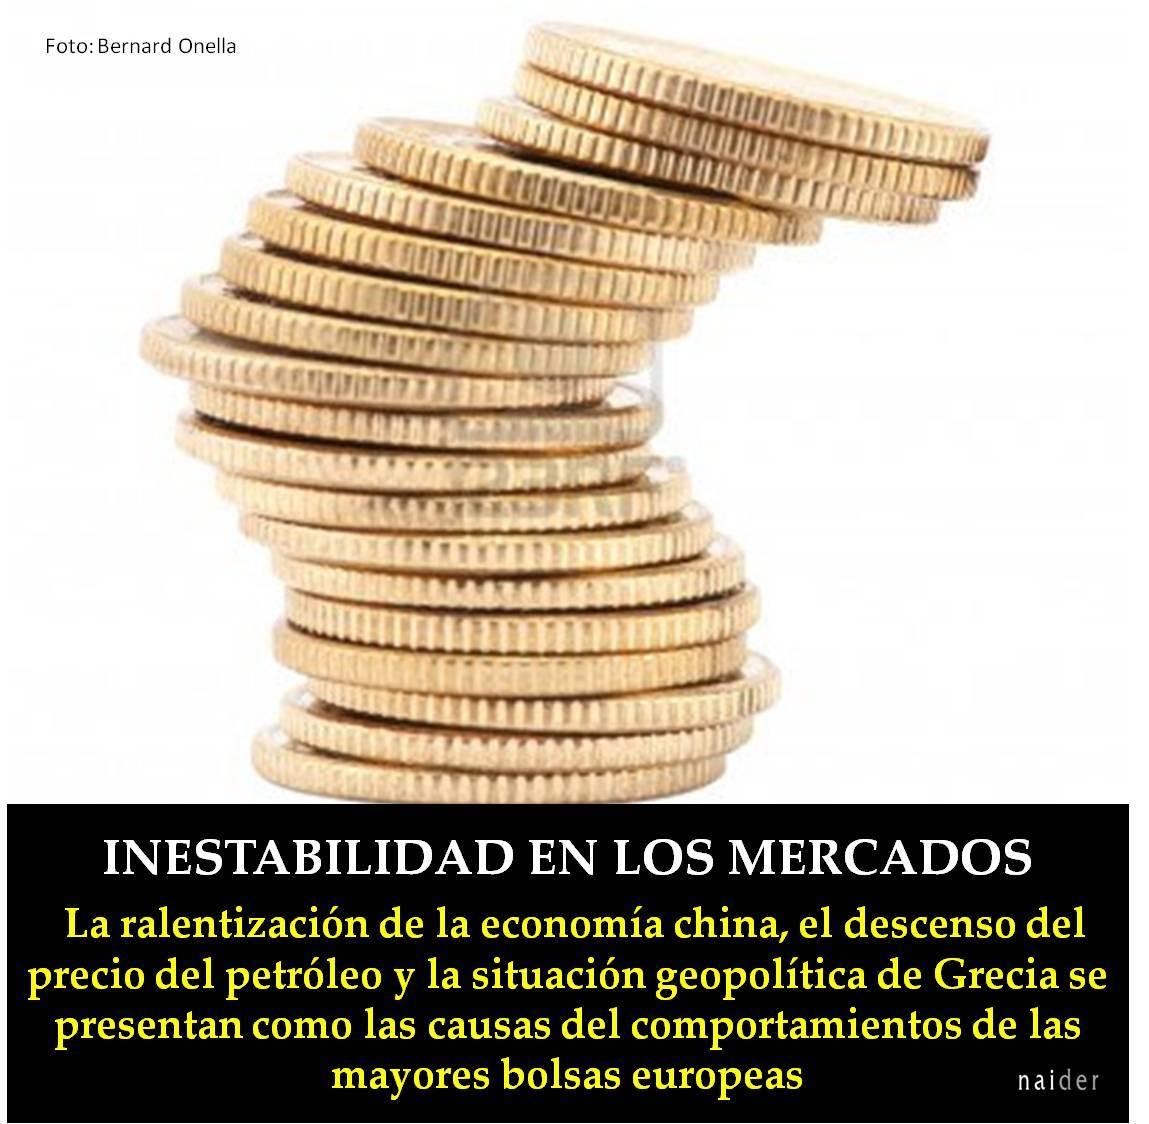 Inestabilidad en los mercados